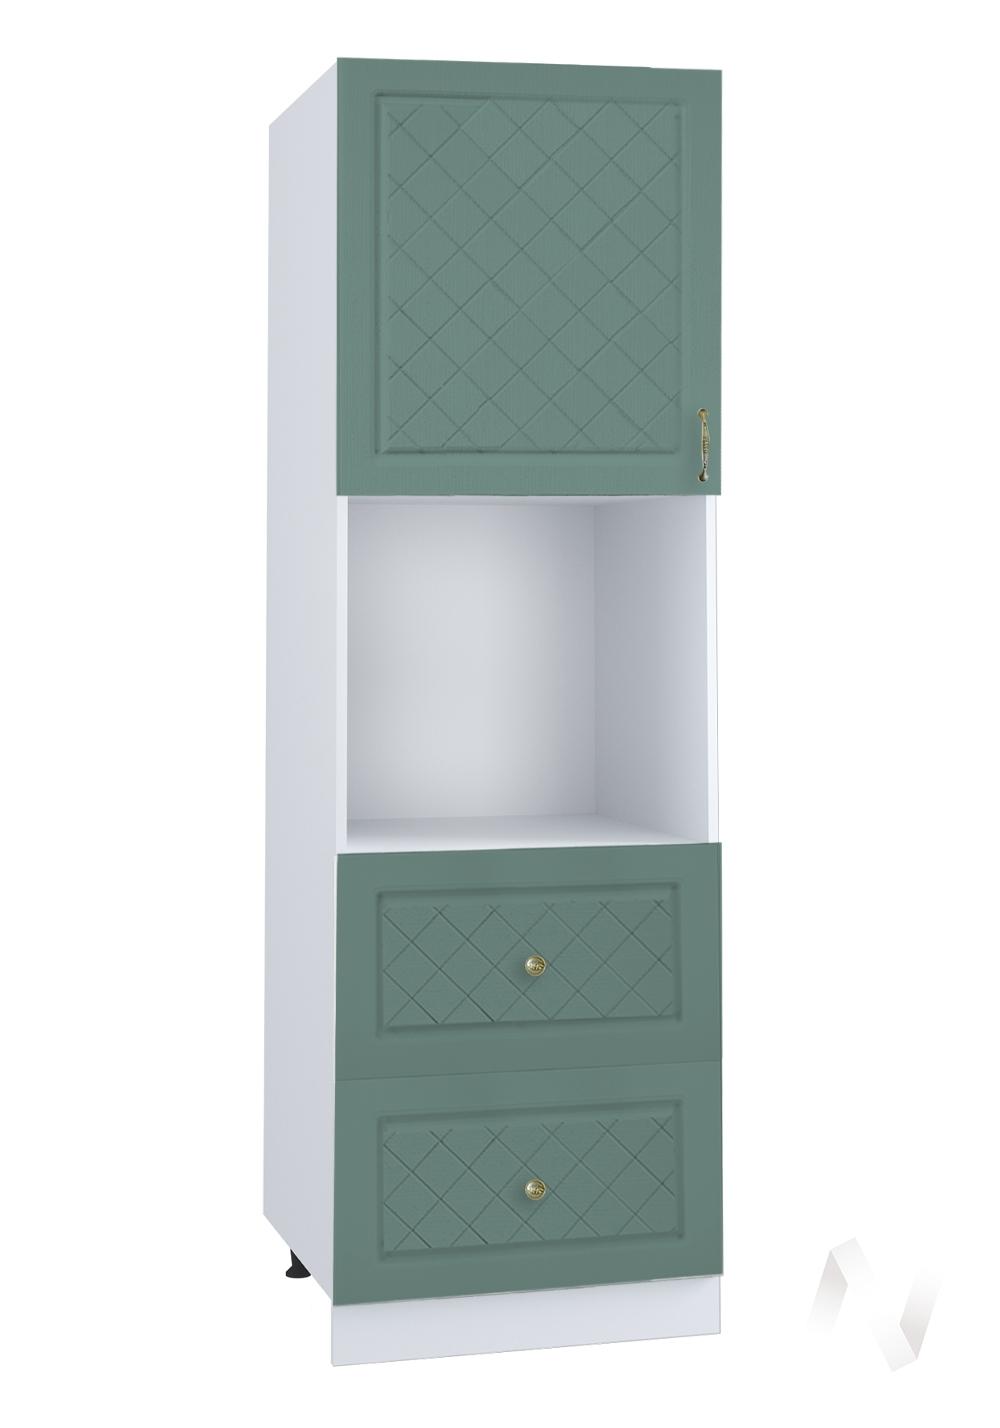 """Кухня """"Селена"""": Шкаф пенал с 2-мя ящиками 600, ШП2Я 600 (Дуб бирюзовый/корпус белый)"""